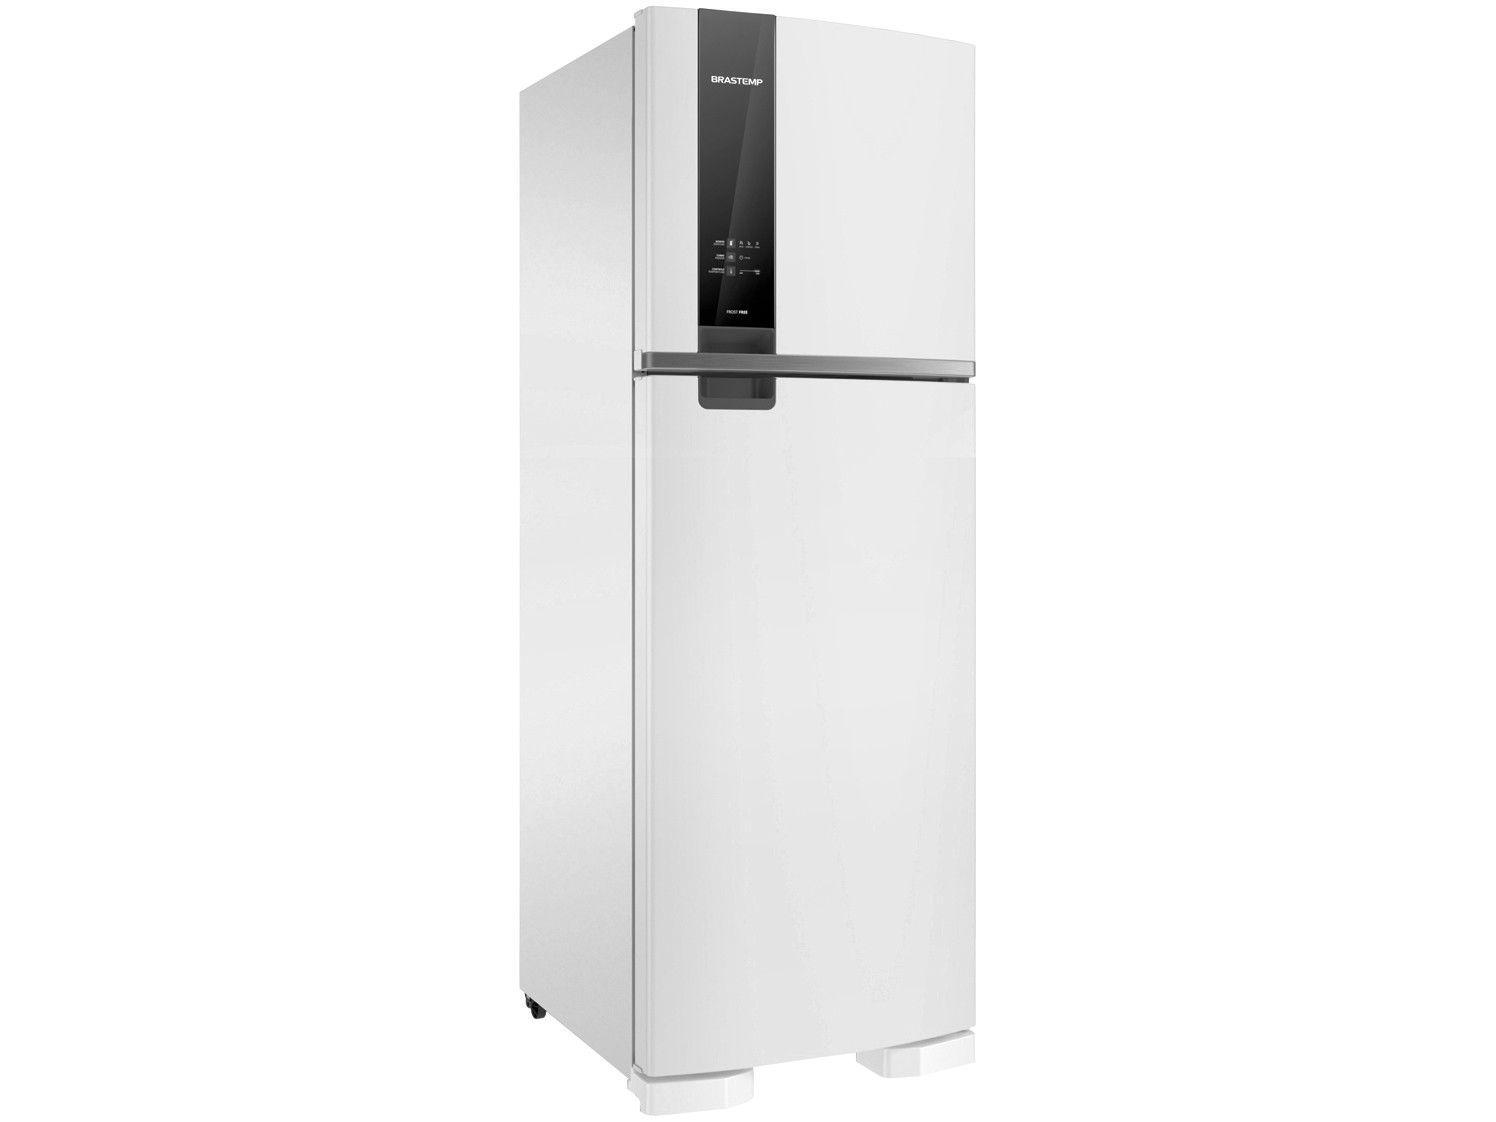 Geladeira / Refrigerador Brastemp BRM45 2 Portas